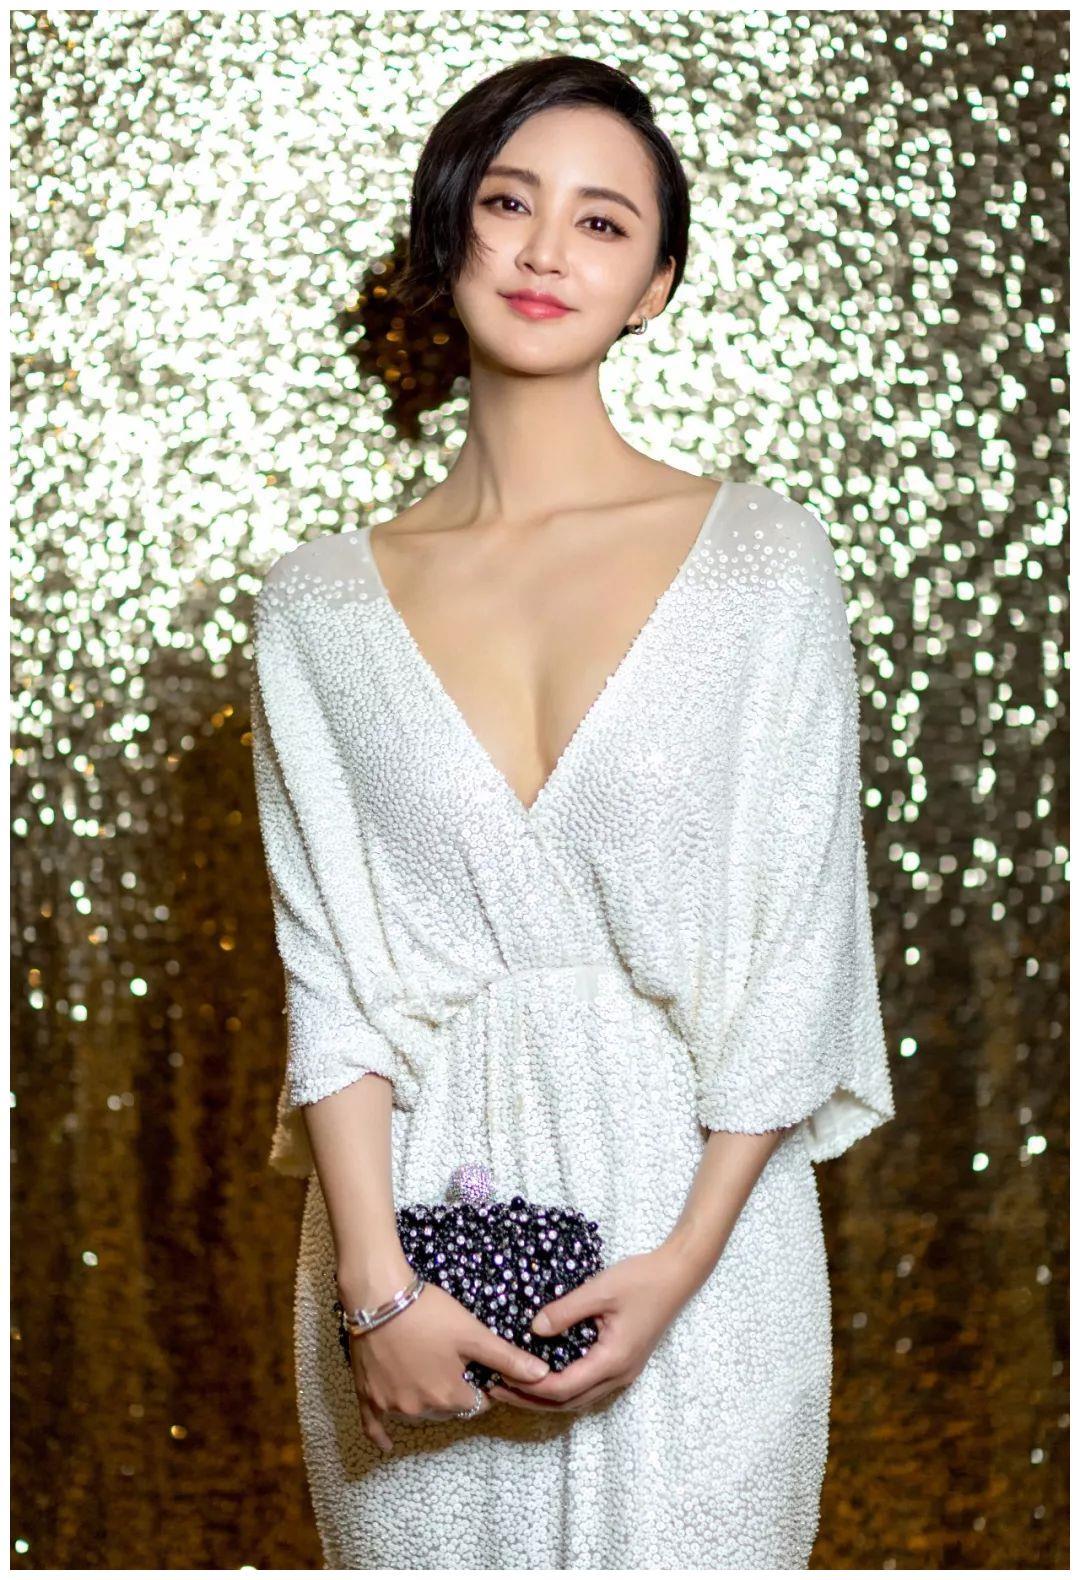 盘点四川出生的五位最美丽的女星, 个个美若天仙,喜欢哪一个?